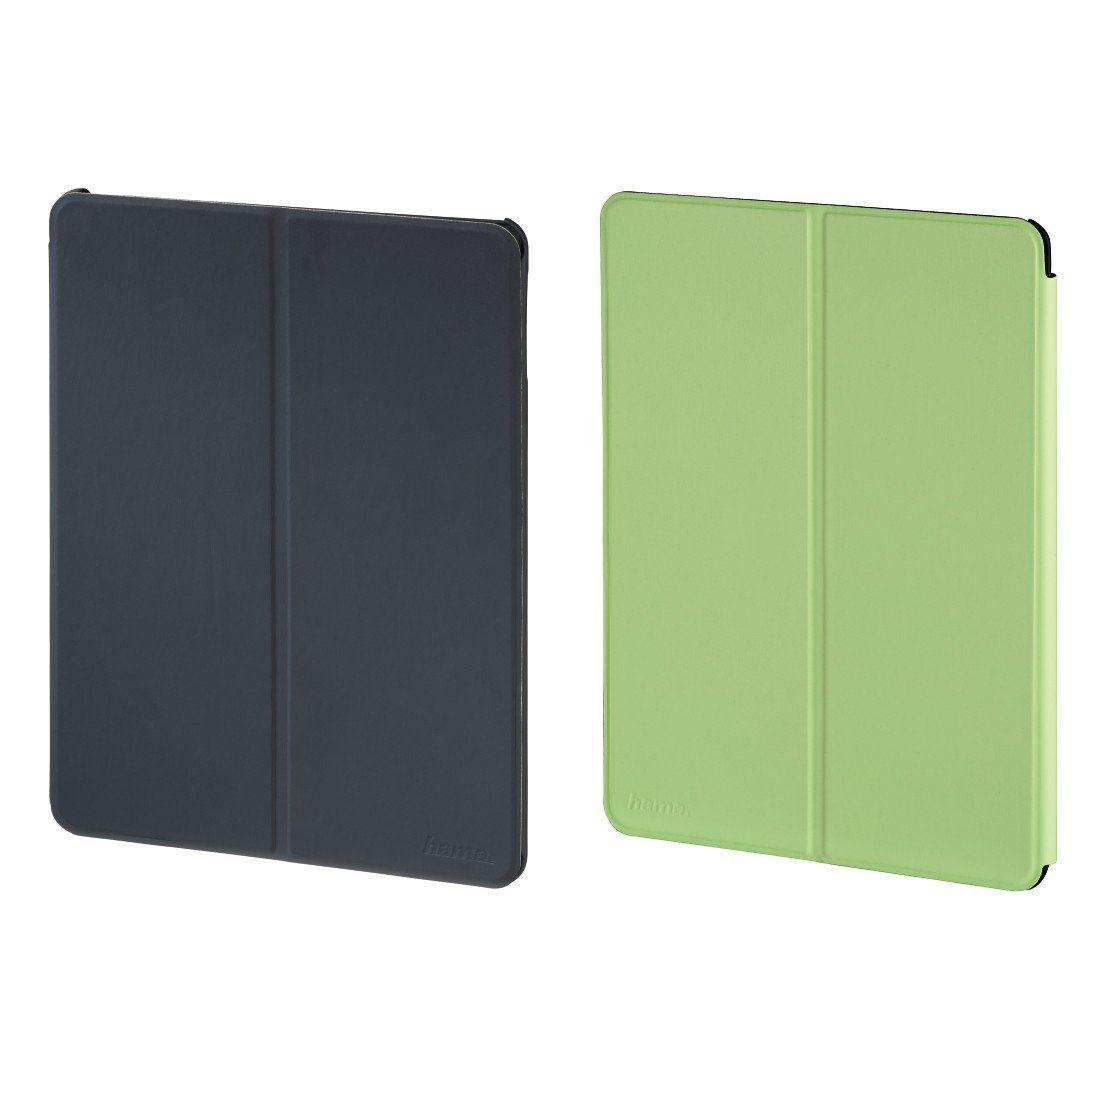 Hama Portfolio Twiddle für Apple iPad Air 2, Grau/Grün